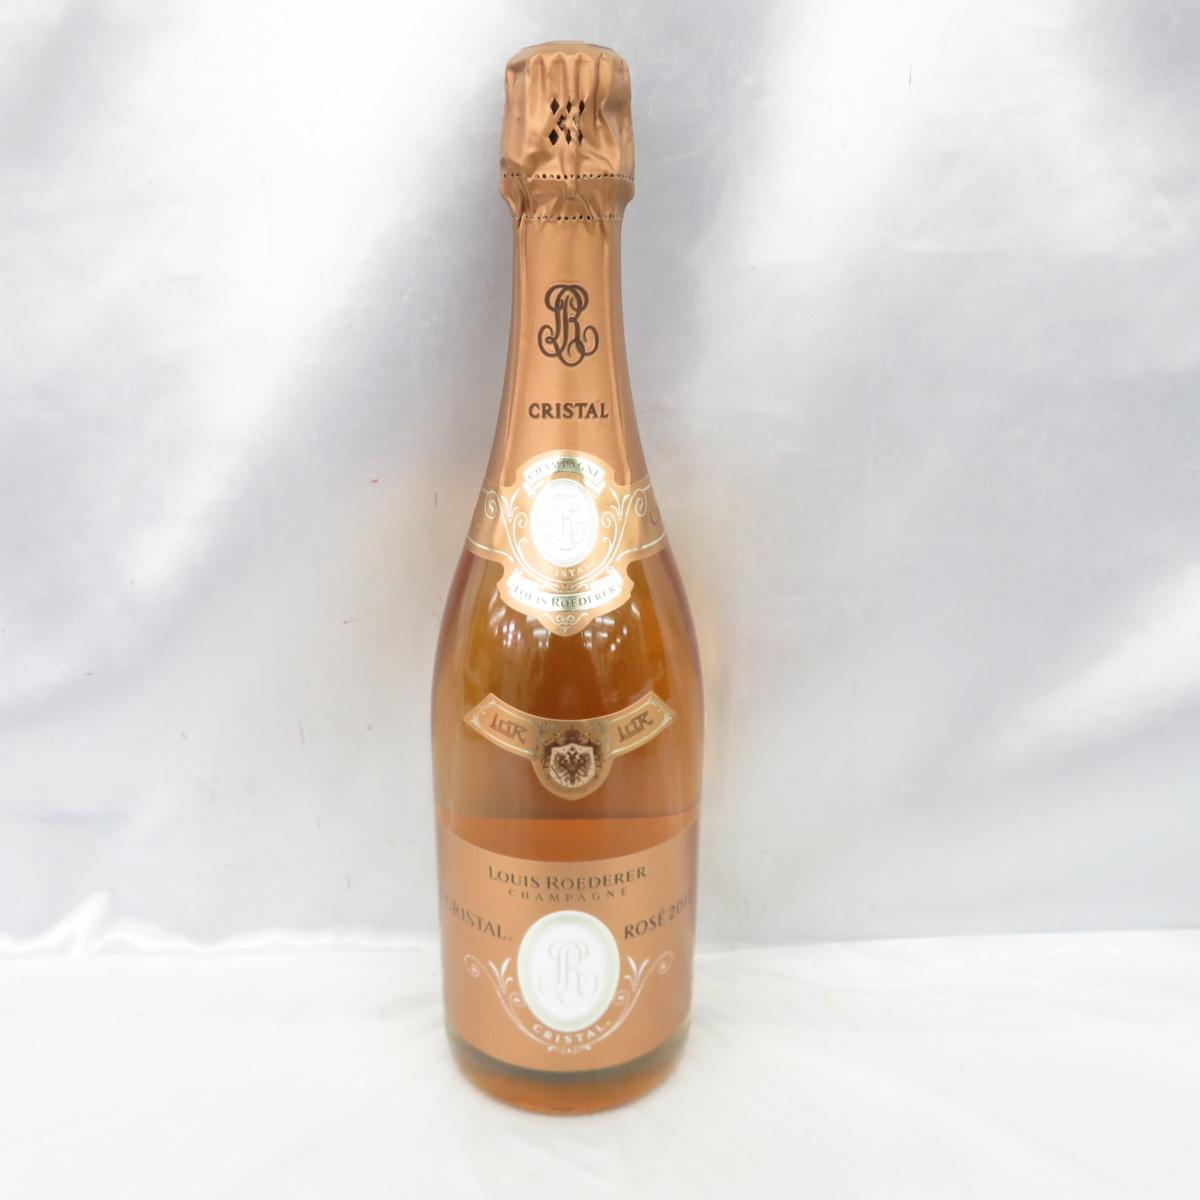 【未開栓】LOUIS ROEDERER ルイ?ロデレール CRISTAL ROSE クリスタル ロゼ 2012 シャンパン 750ml 12% 10748426